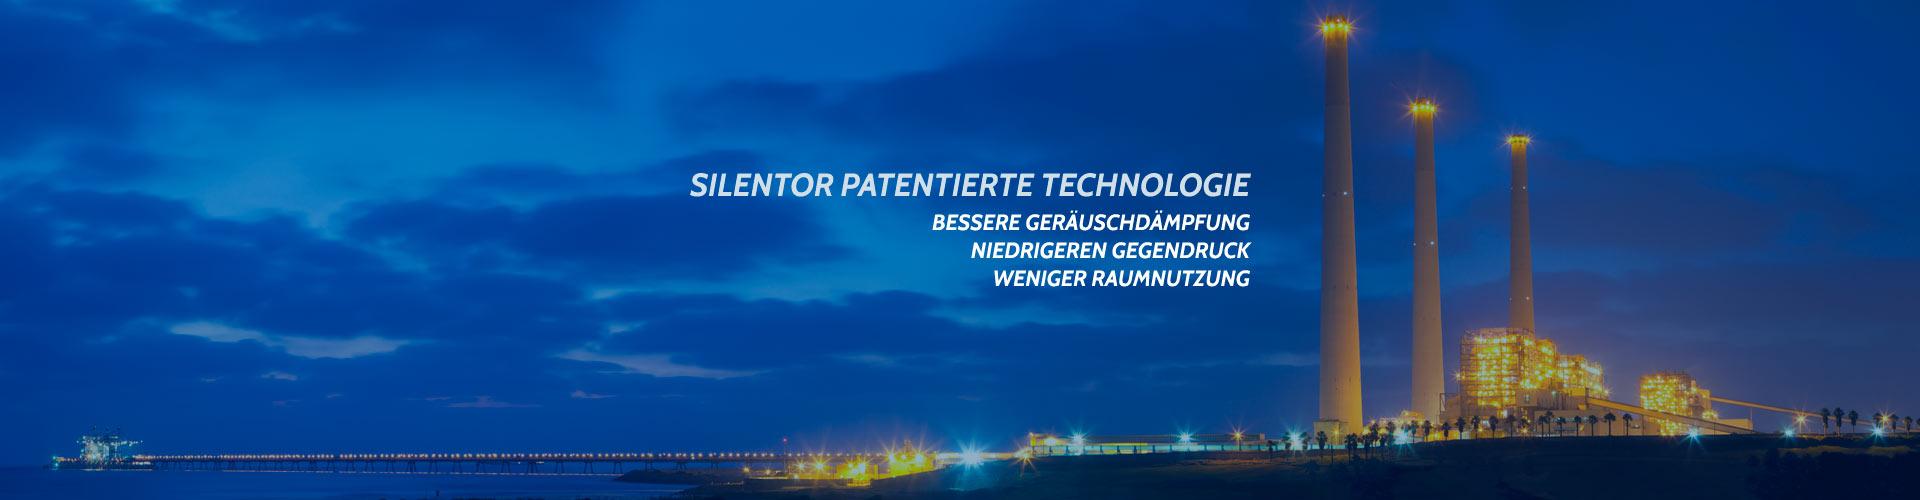 silentor-banner-industry-de